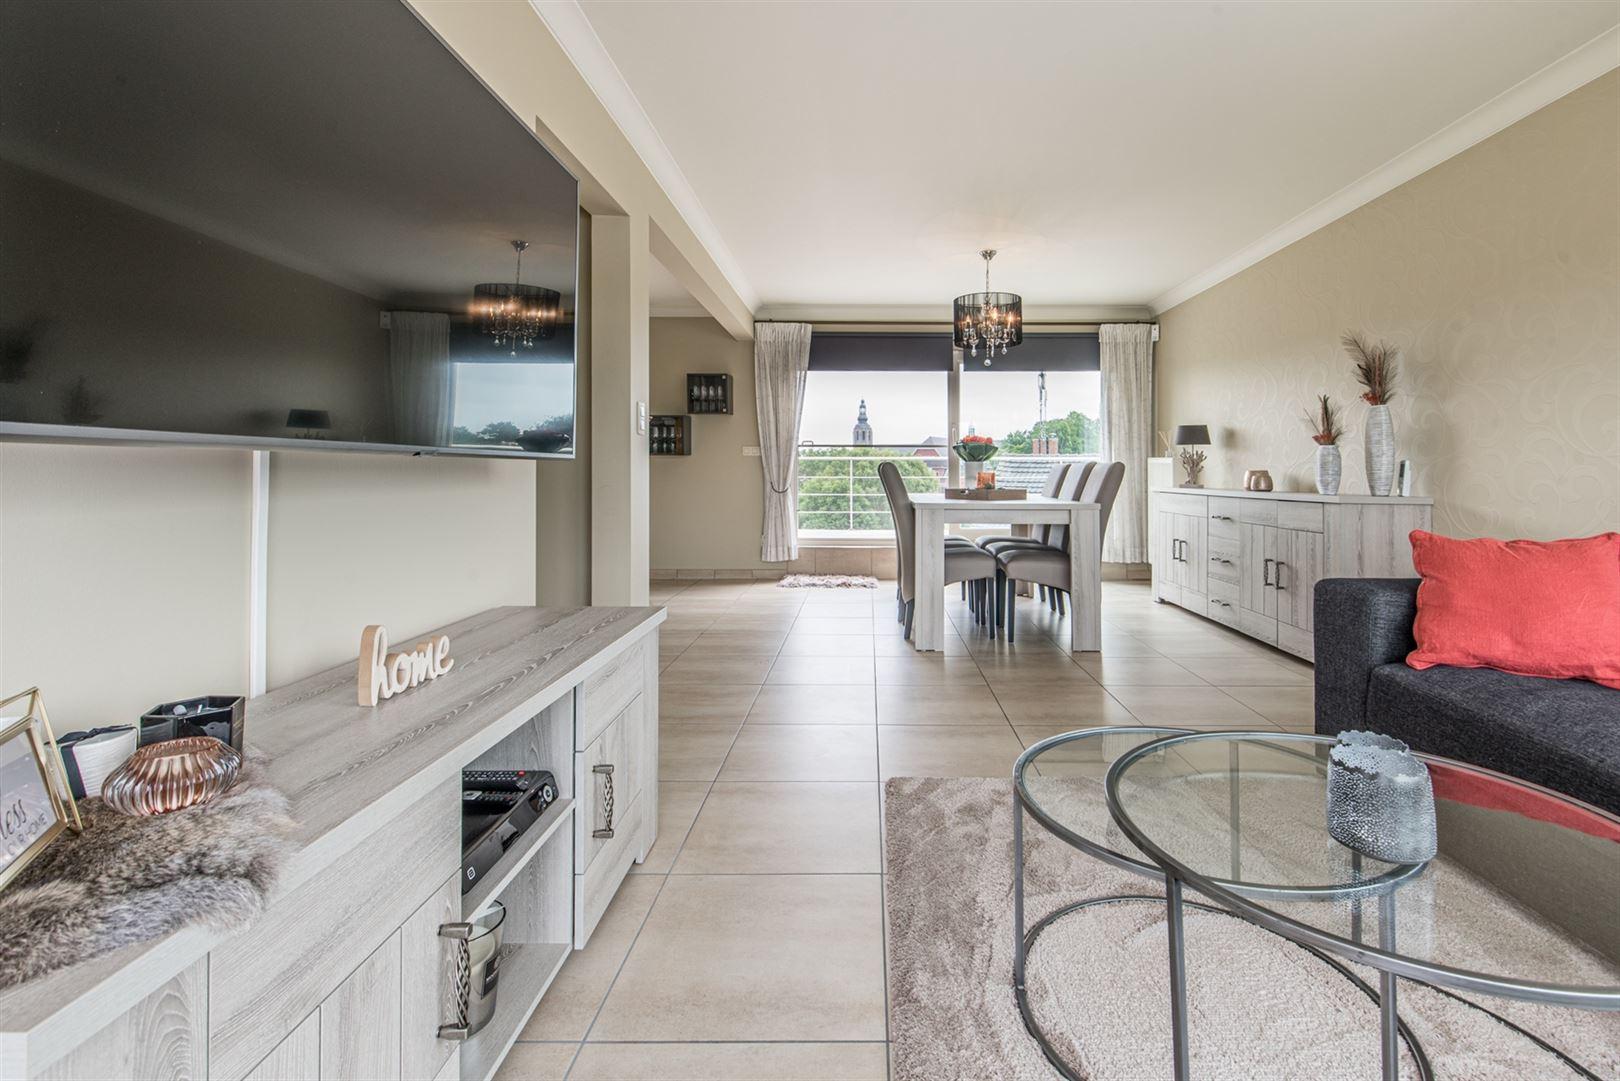 Foto 2 : Appartement te 9240 ZELE (België) - Prijs € 295.000